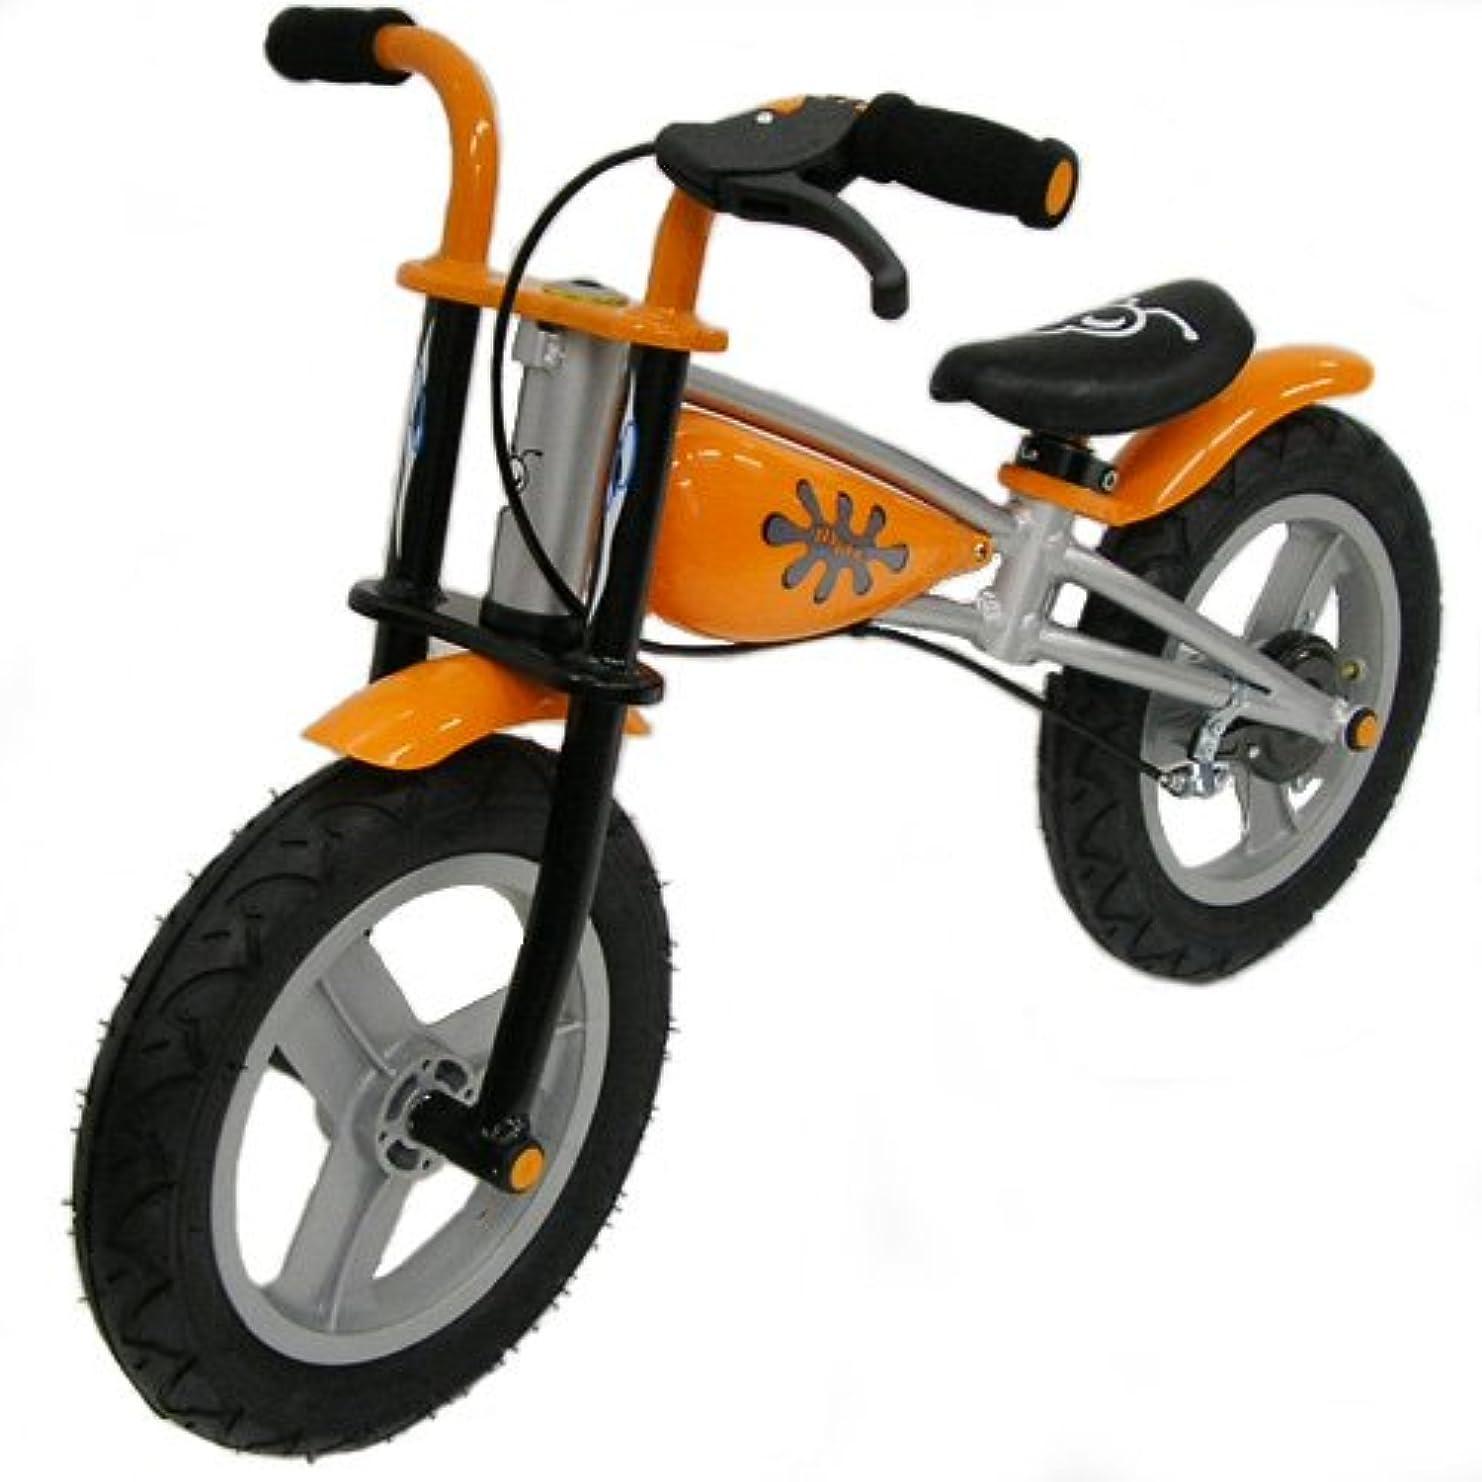 狂気耐久部門JD BUG TRAINING BIKE(トレーニングバイク) オレンジ/ ブレーキ付 TC-04